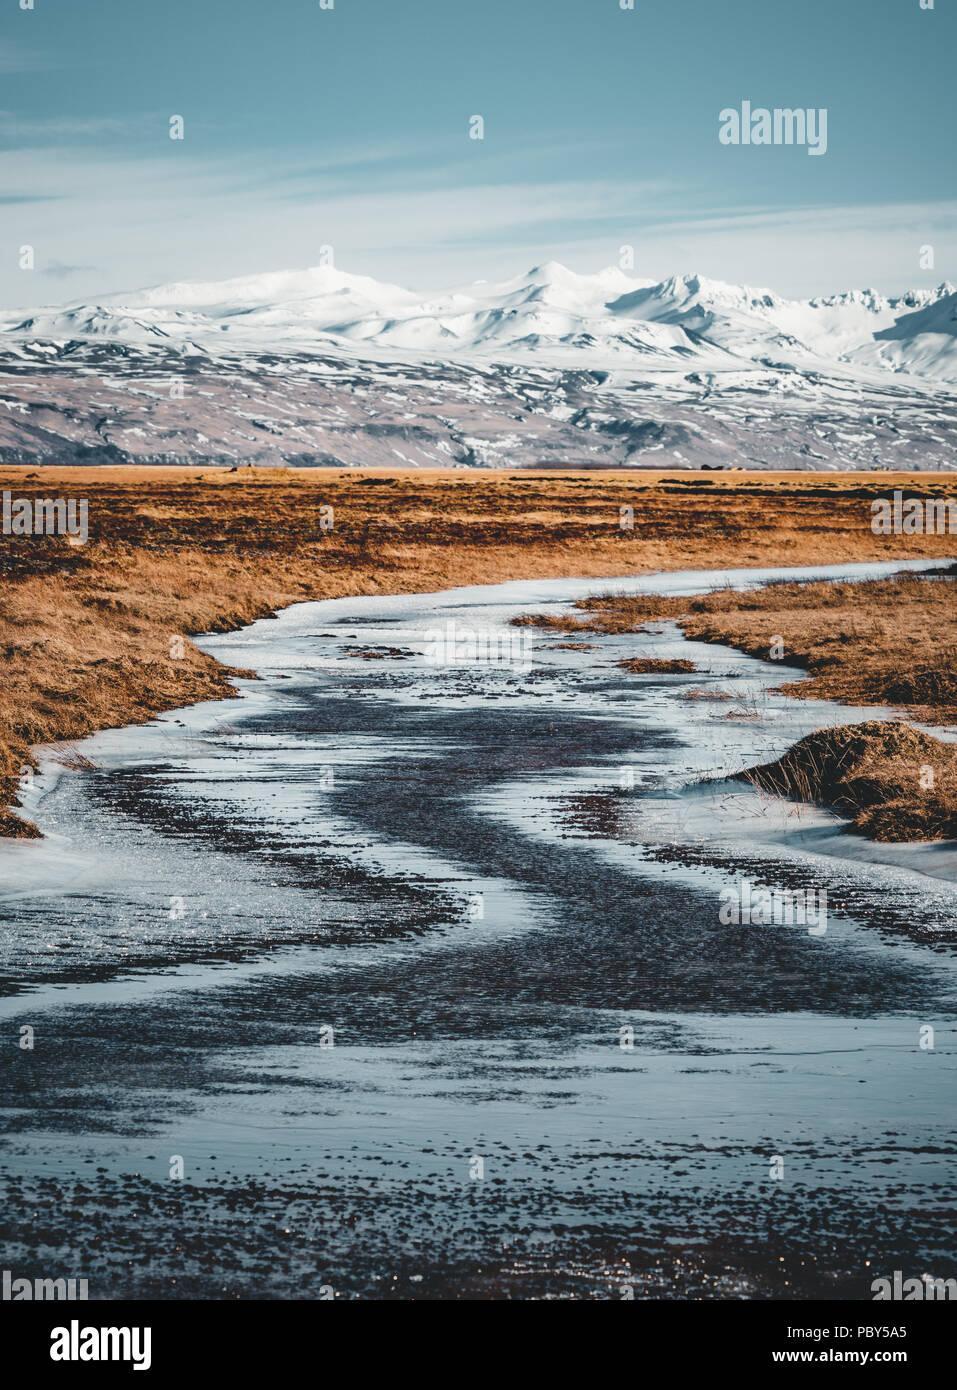 Scène d'hiver de montagne typique de l'Islande avec l'herbe en premier plan et massif montagne en arrière-plan. Photo Stock